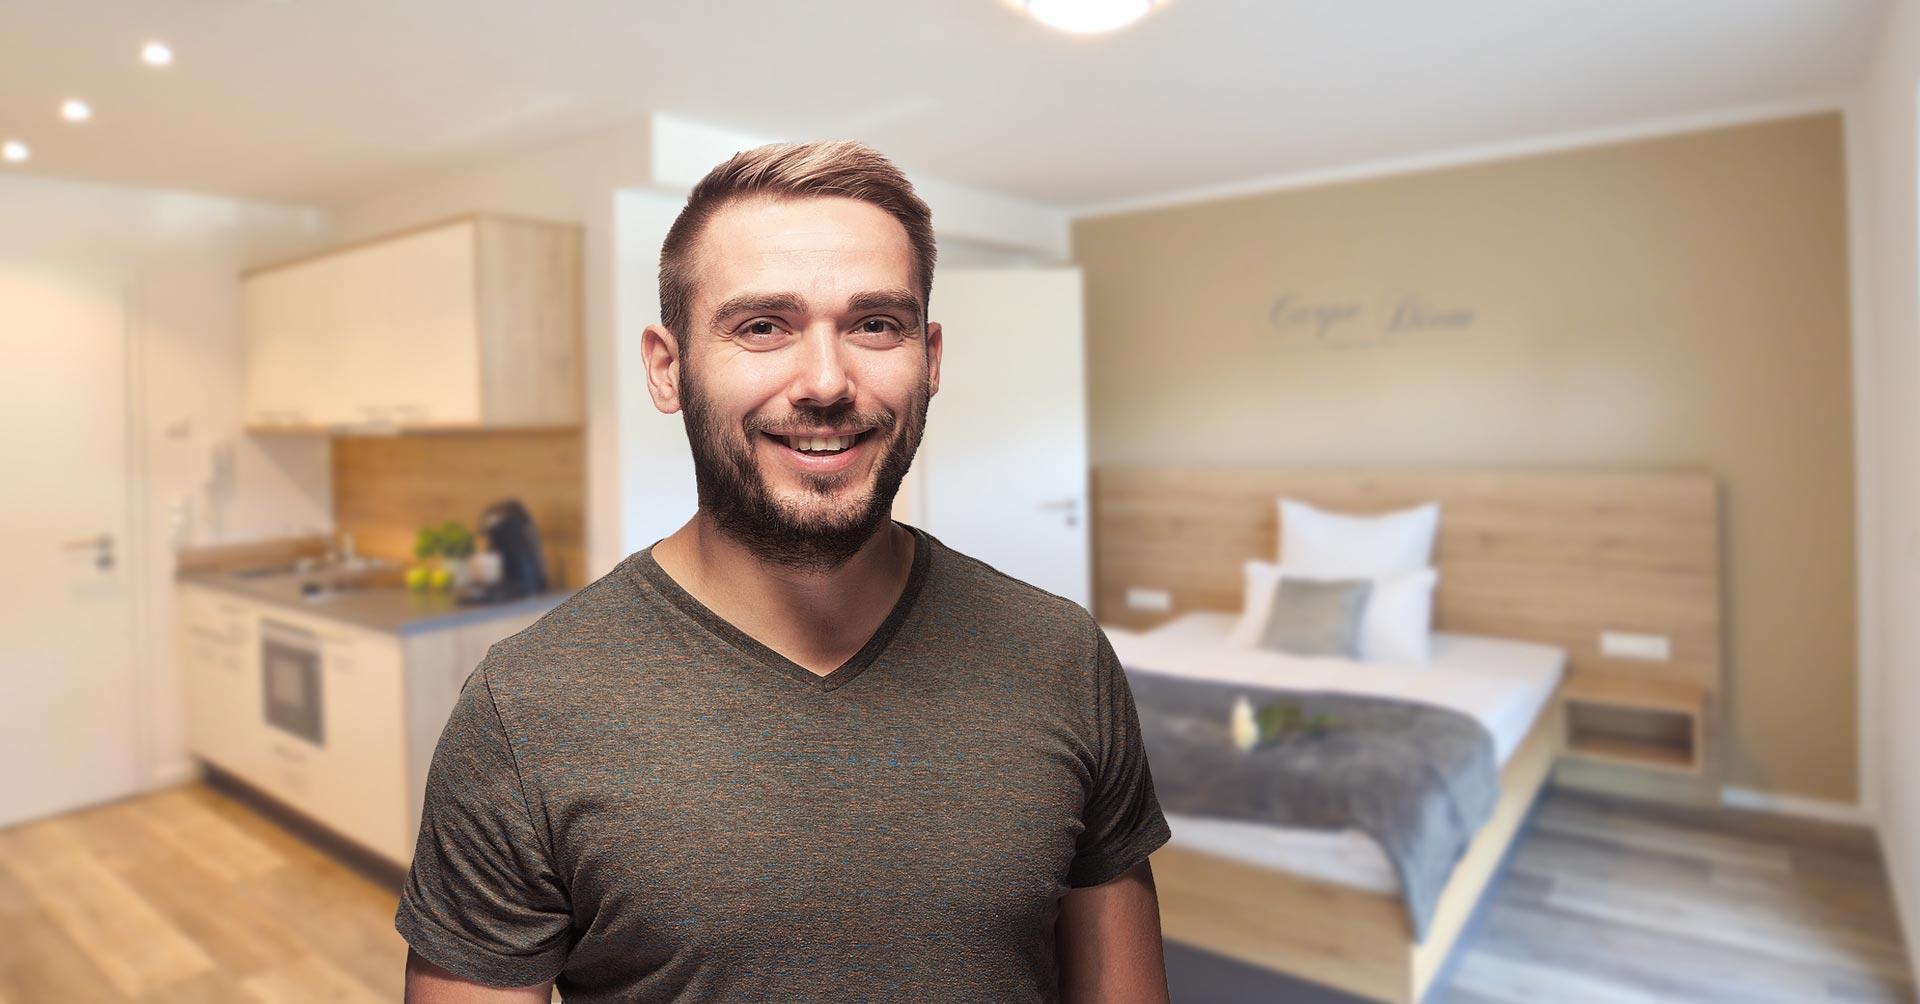 boardinghouse nahe flughafen m nchen exklusiv wohnen auf. Black Bedroom Furniture Sets. Home Design Ideas